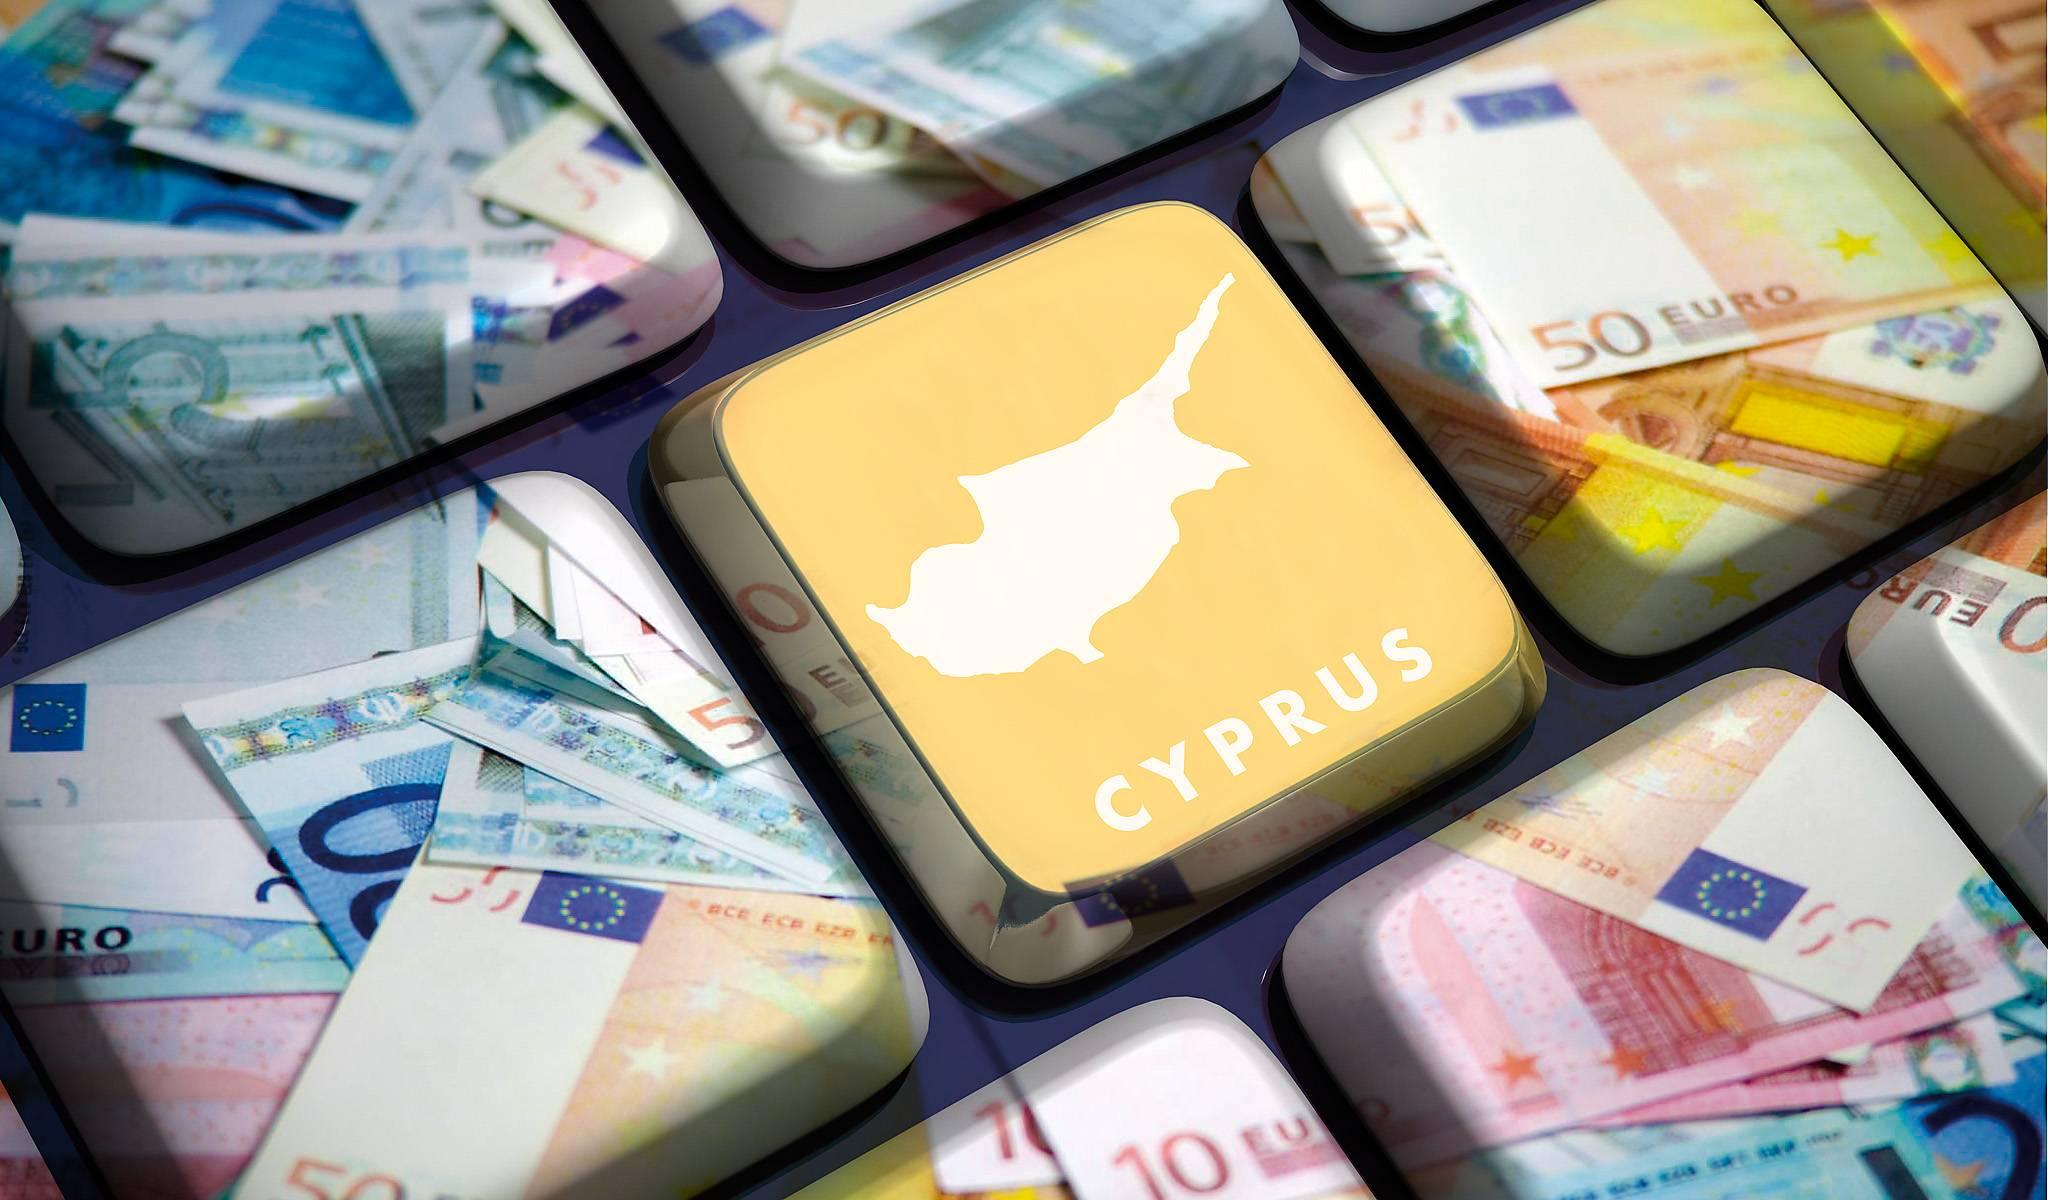 Регистрация компании на кипре: особенности открытия счета в банке кипра